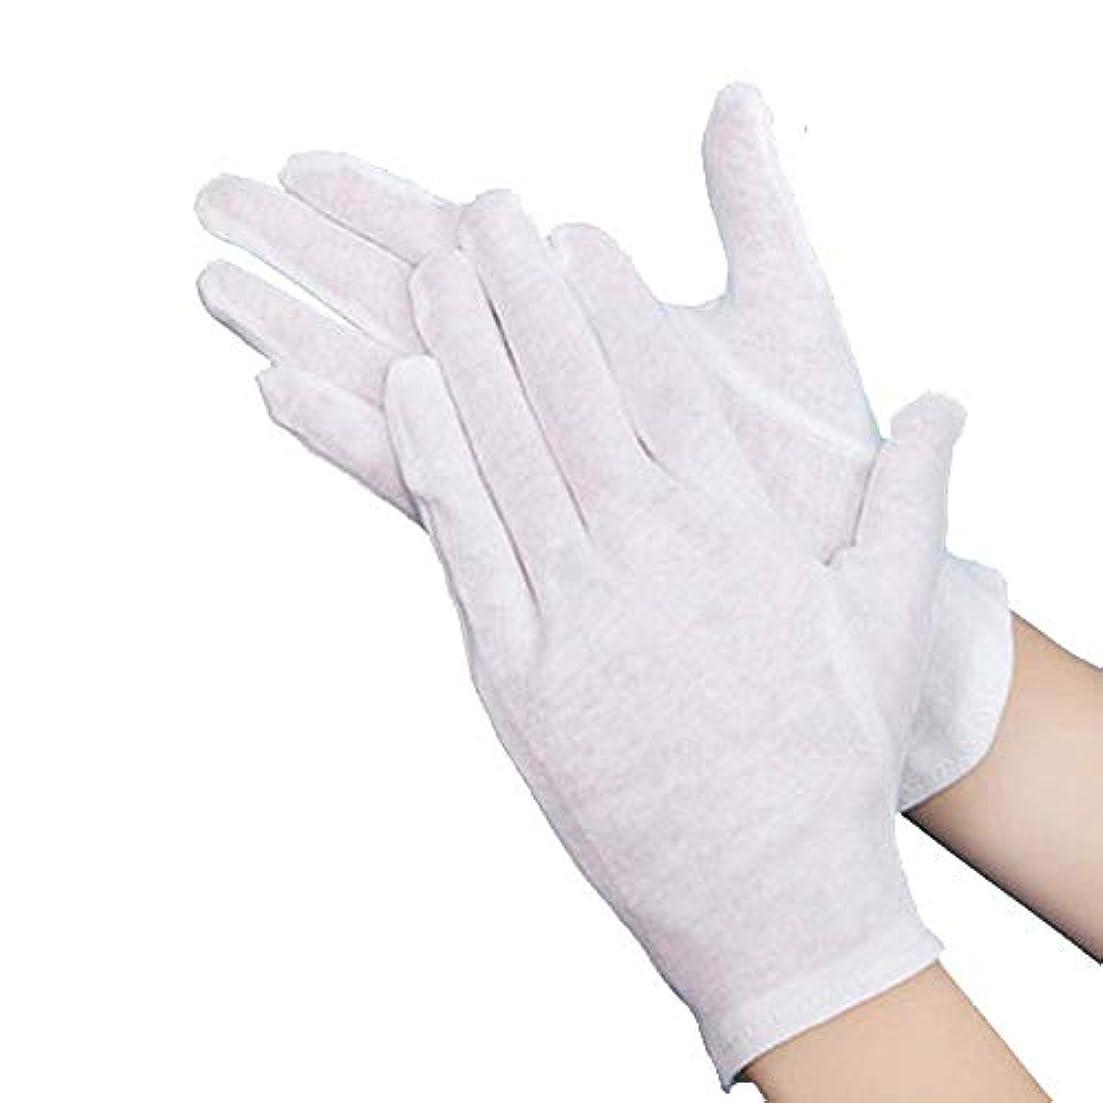 レディドレスエネルギー10双組 M トン手袋 綿手袋 通気性